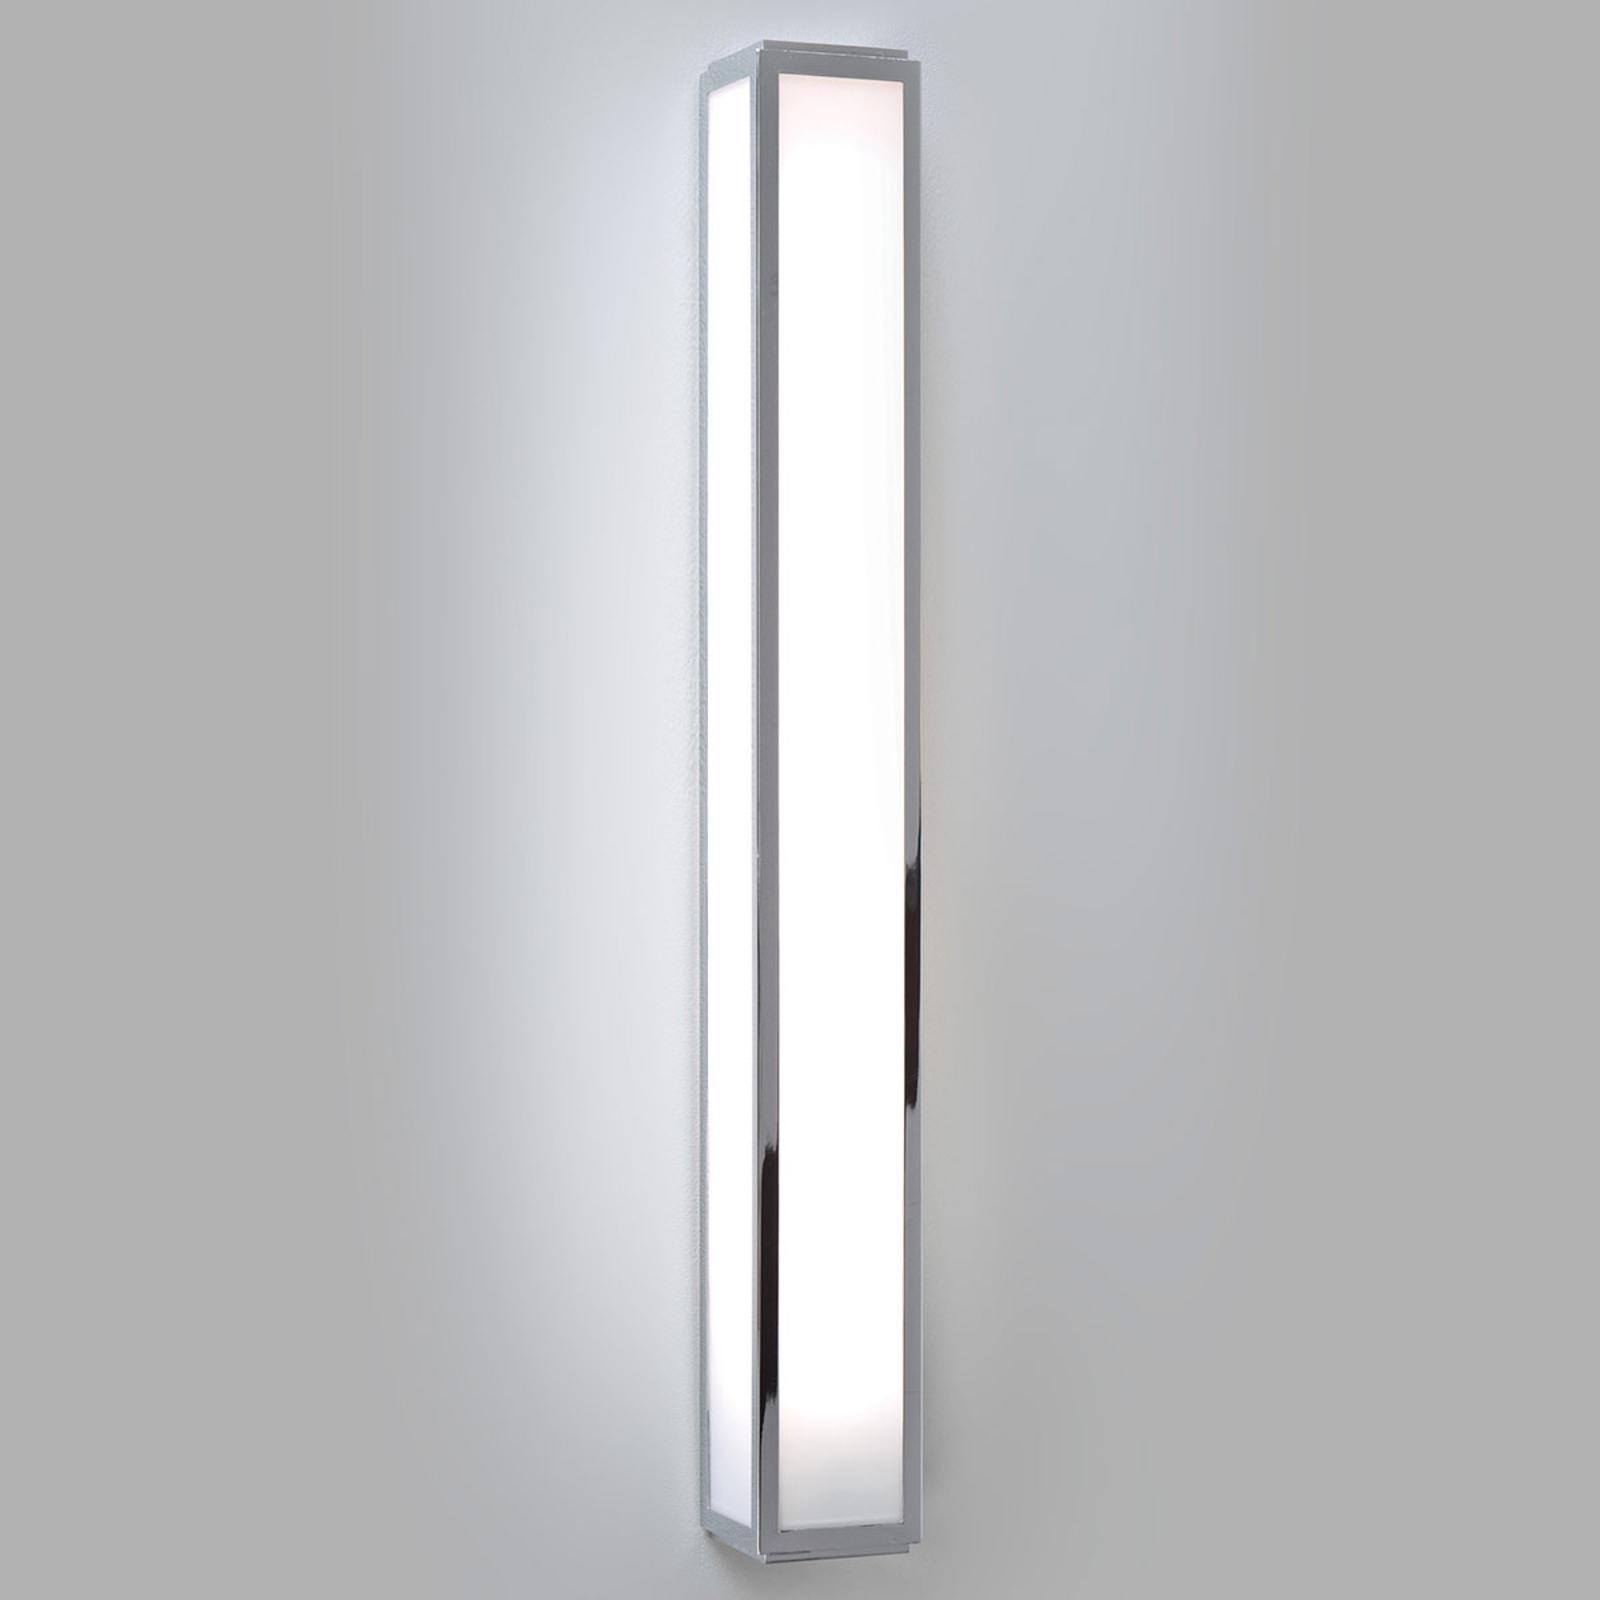 Avlang vegglampe MASHIKO 600 med LED-lys